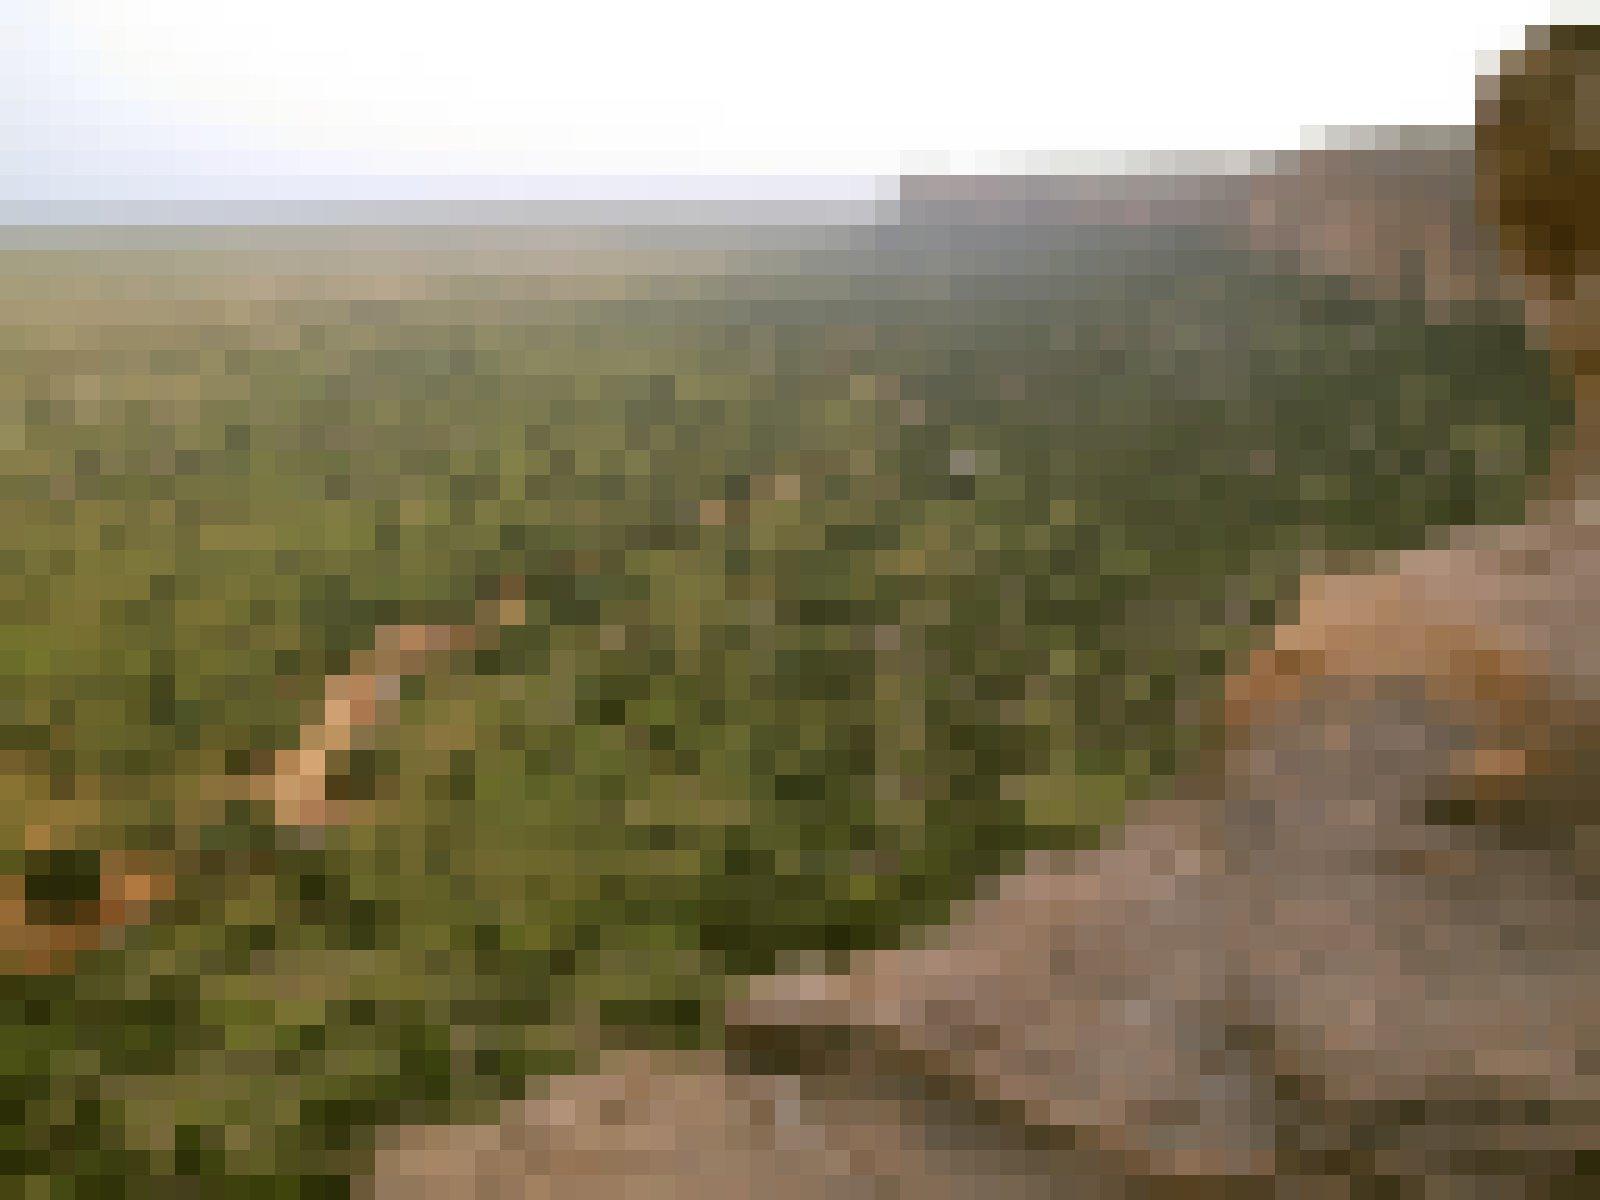 Das Foto wurde von einem bräunlichen Felsmassiv aus aufgenommen, vor dem links in der Tiefe eine Savannenlandschaft aus Gras und Bäumen liegt, durch die sich ein kleiner Fluss schlängelt. In einer solchen Landschaft lebten einst Vormenschen, die schon auf zwei Beinen liefen. Forscher glauben heute allerdings nicht, dass der aufrechte Gang sich in der offenen Landschaft entwickelt hat.